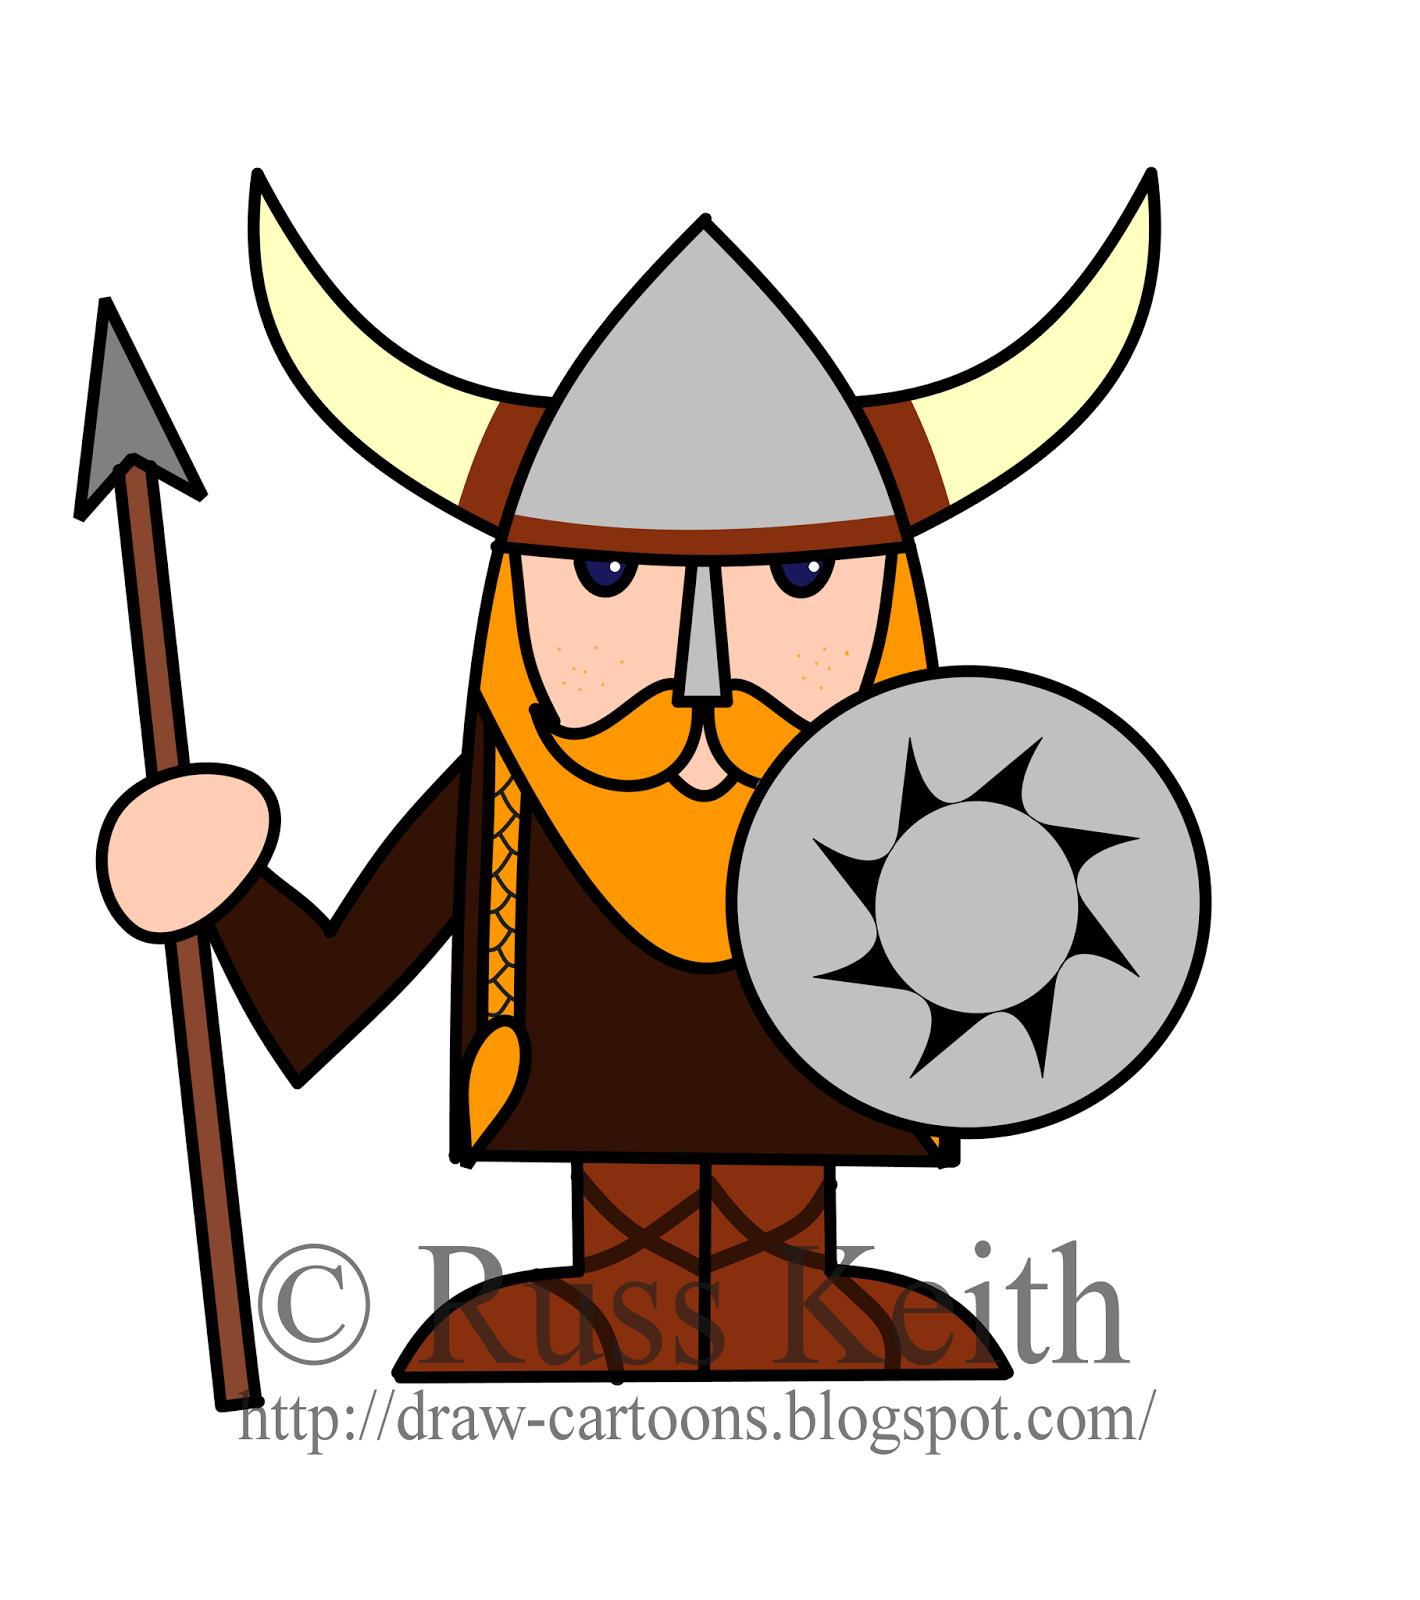 Drawn viking comic Cartoon Bay Drawings Clipart Cartoons